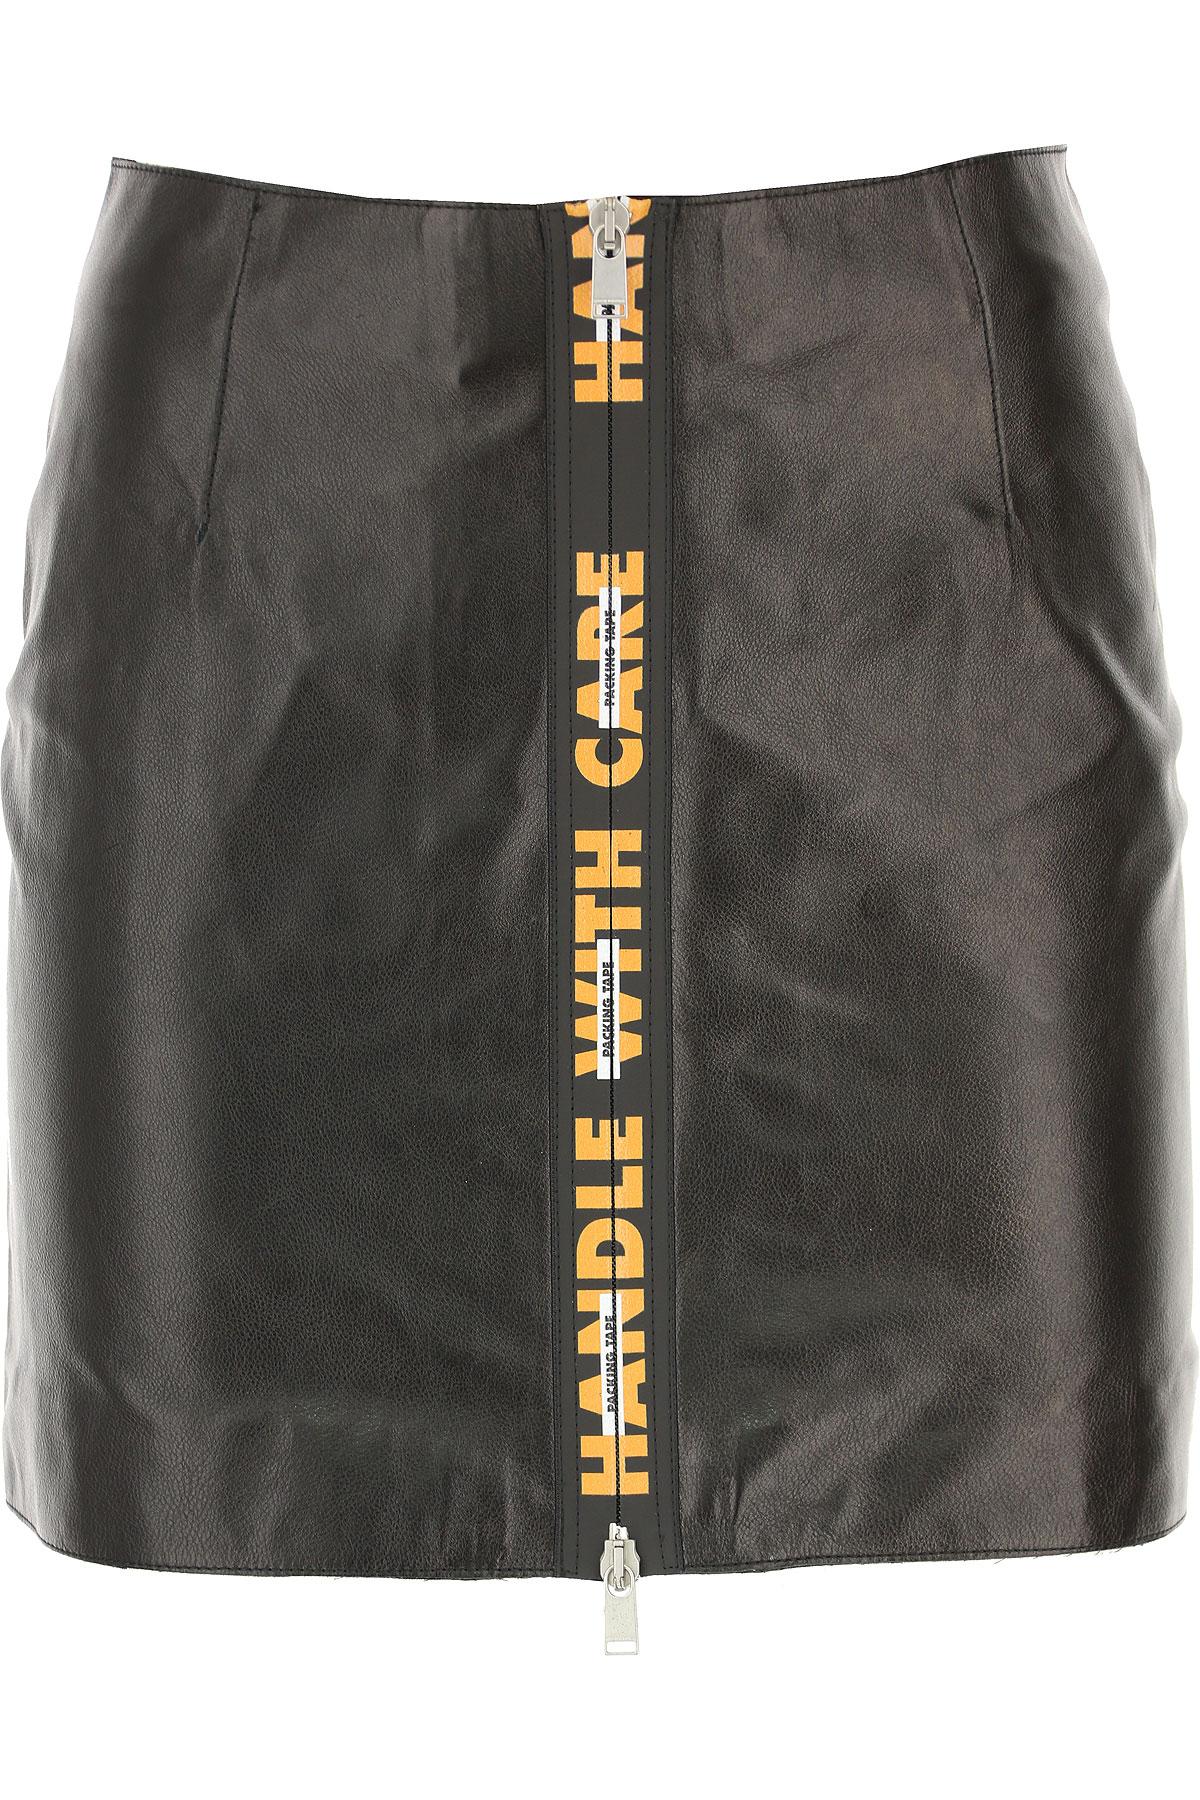 Image of Heron Preston Skirt for Women, Black, Leather, 2017, 2 4